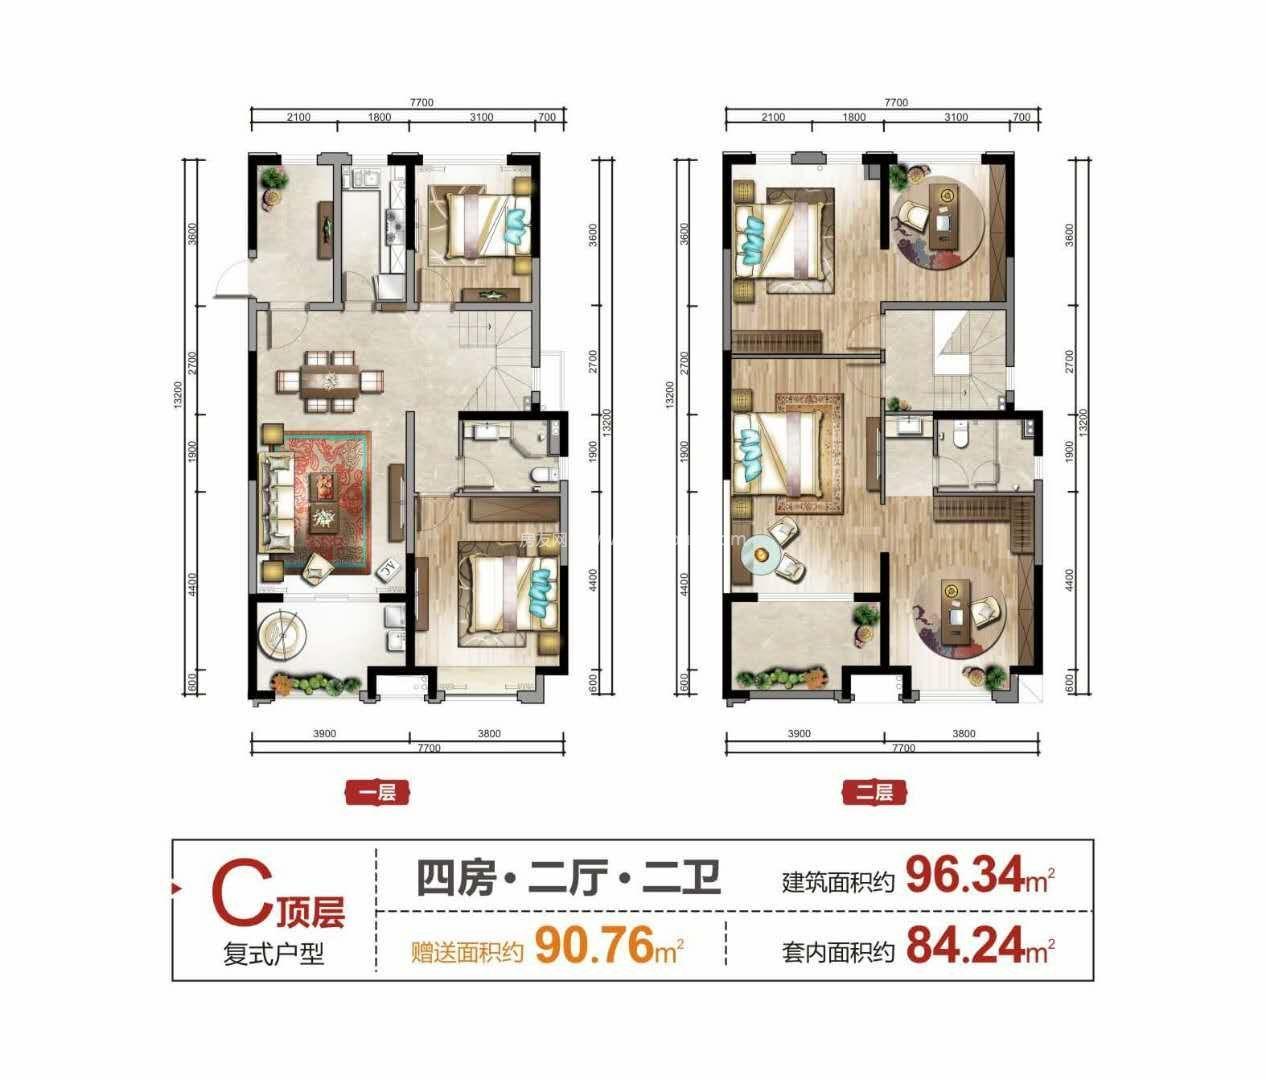 开维生态城 C顶层复式户型 4室2厅2卫1厨 建面96㎡